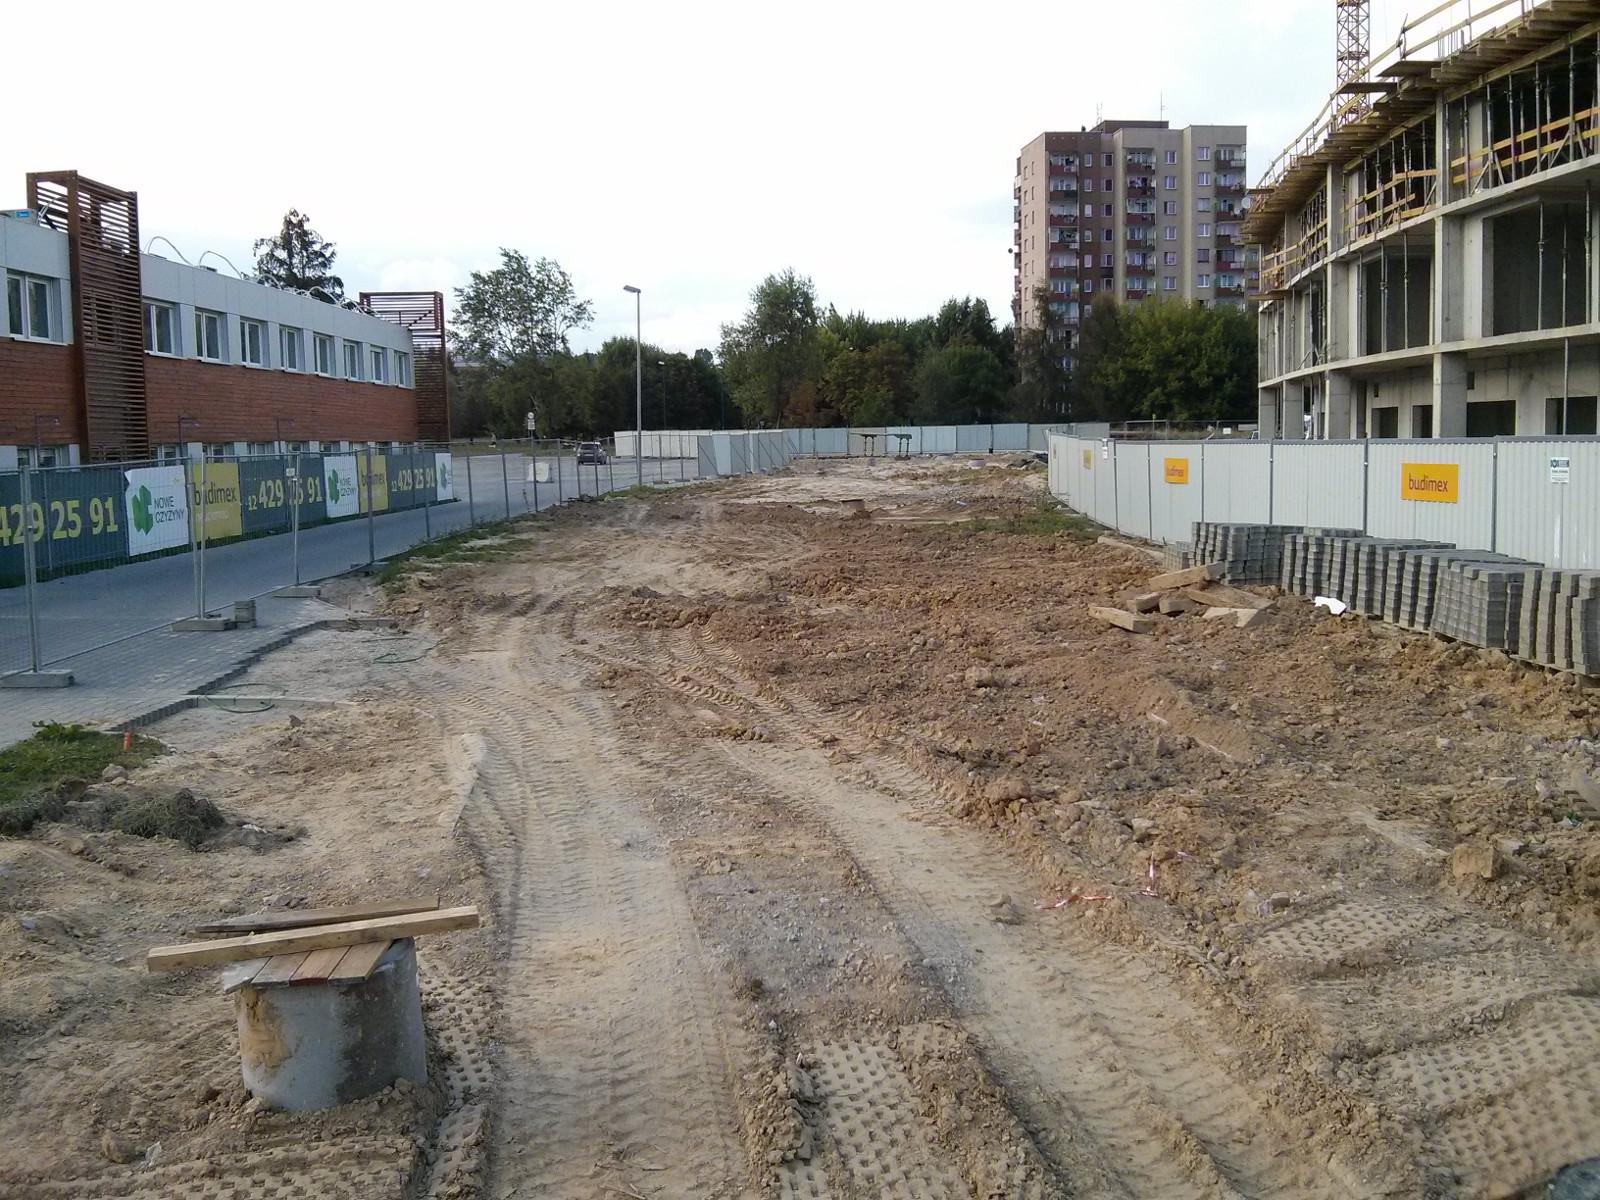 Przebieg nowej drogi dojazdowej do osiedla Orlińskiego w Krakowie Czyżynach